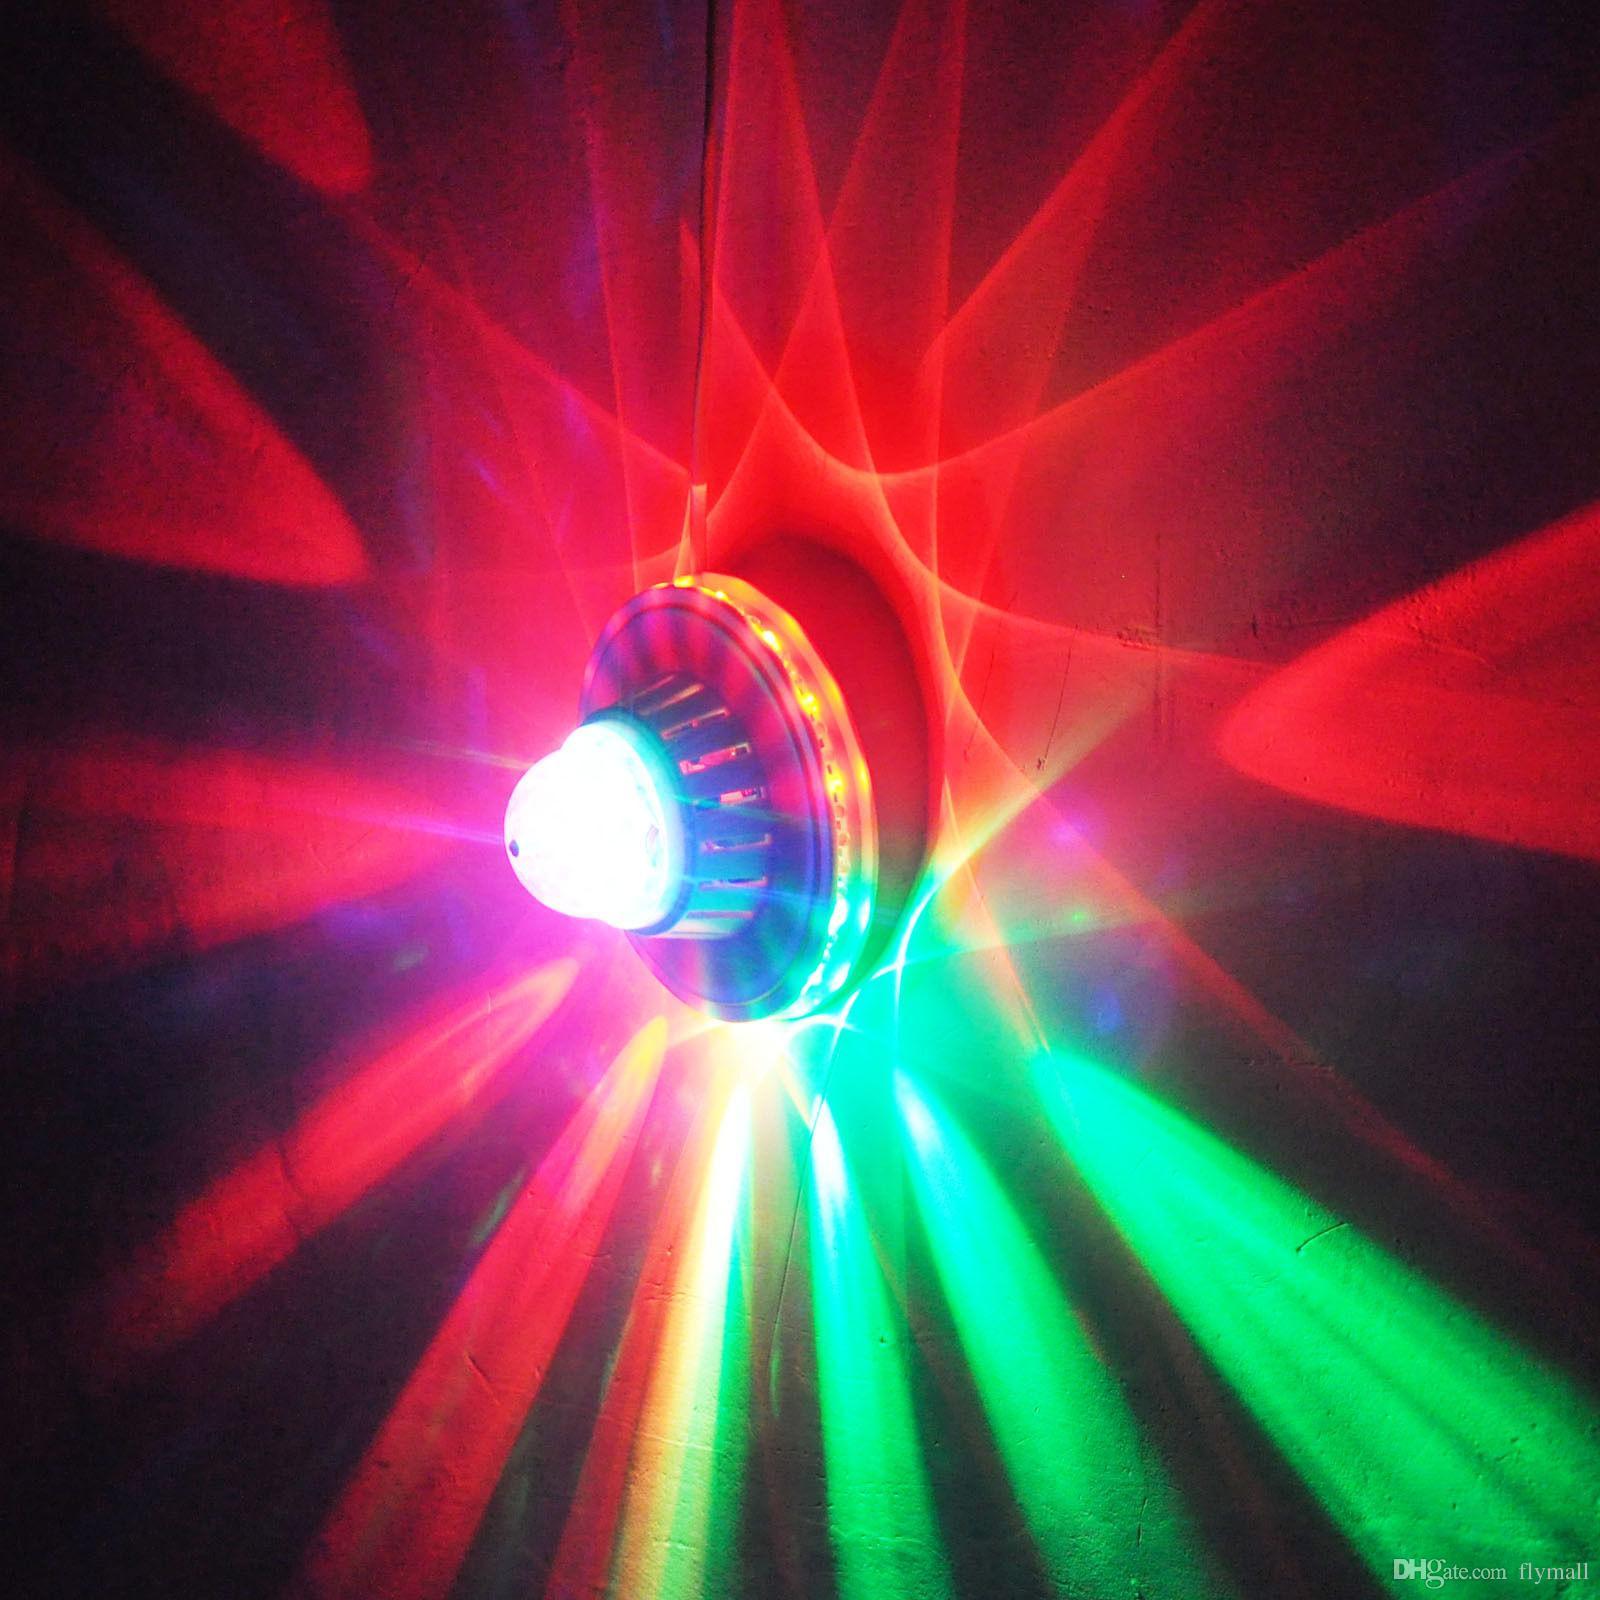 48 المصابيح 8 واط الدورية rgb led لمبة اللون تغيير ماجيك عباد الشمس أدى تأثيرات rgb كريستال المرحلة ضوء عيد الميلاد حزب ديسكو كريستال ماجيك الكرة الخفيفة